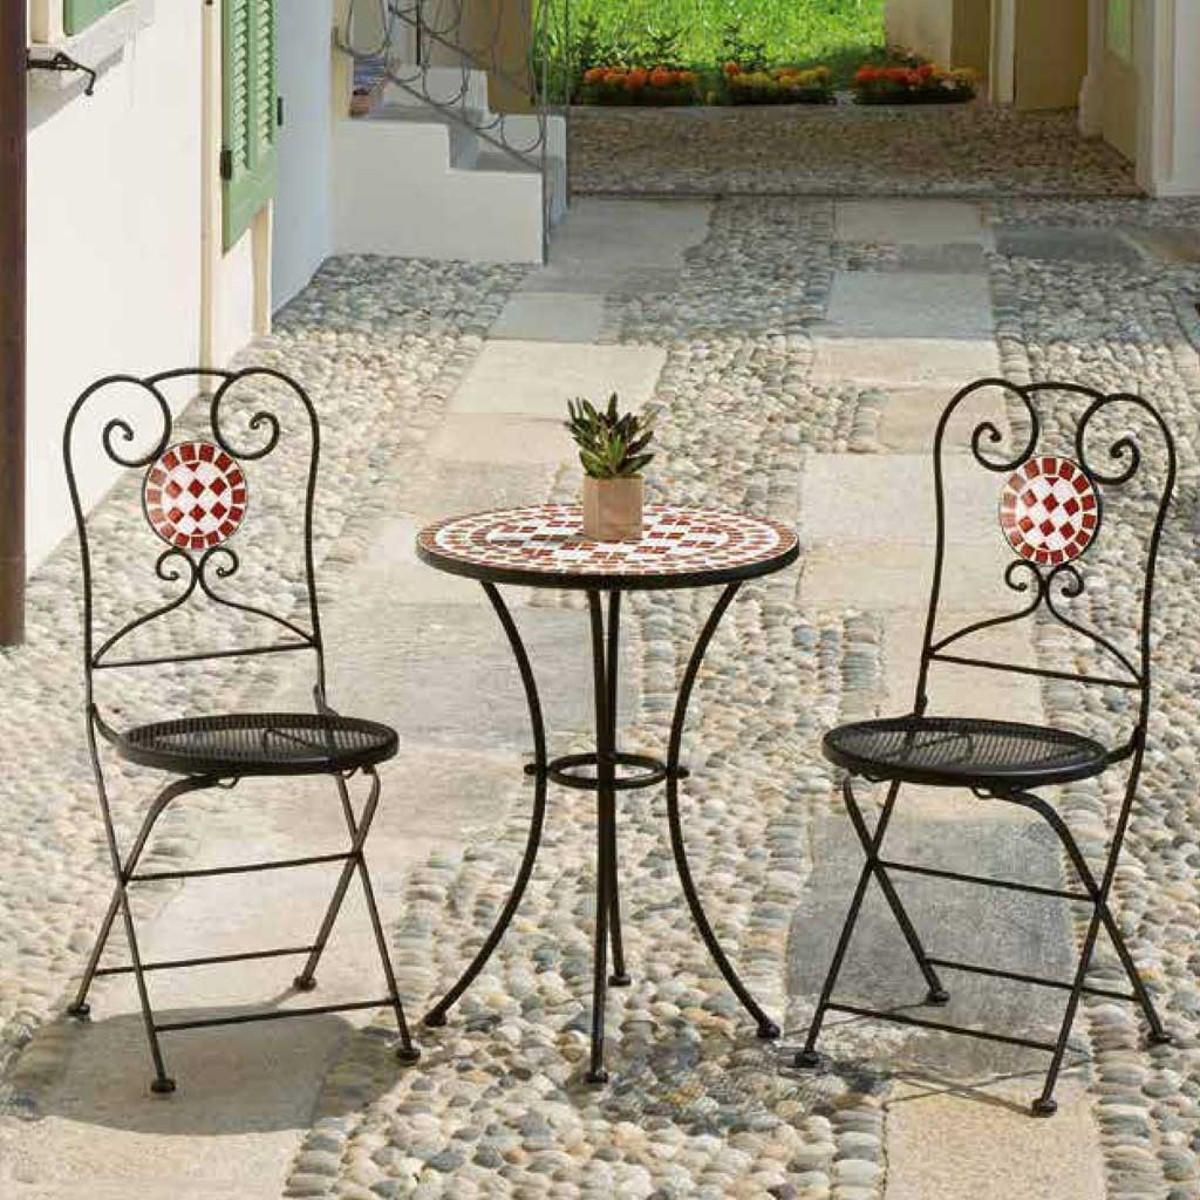 Tavolo da giardino tondo Tmt con piano in mosaico Ø 55 cm - 2